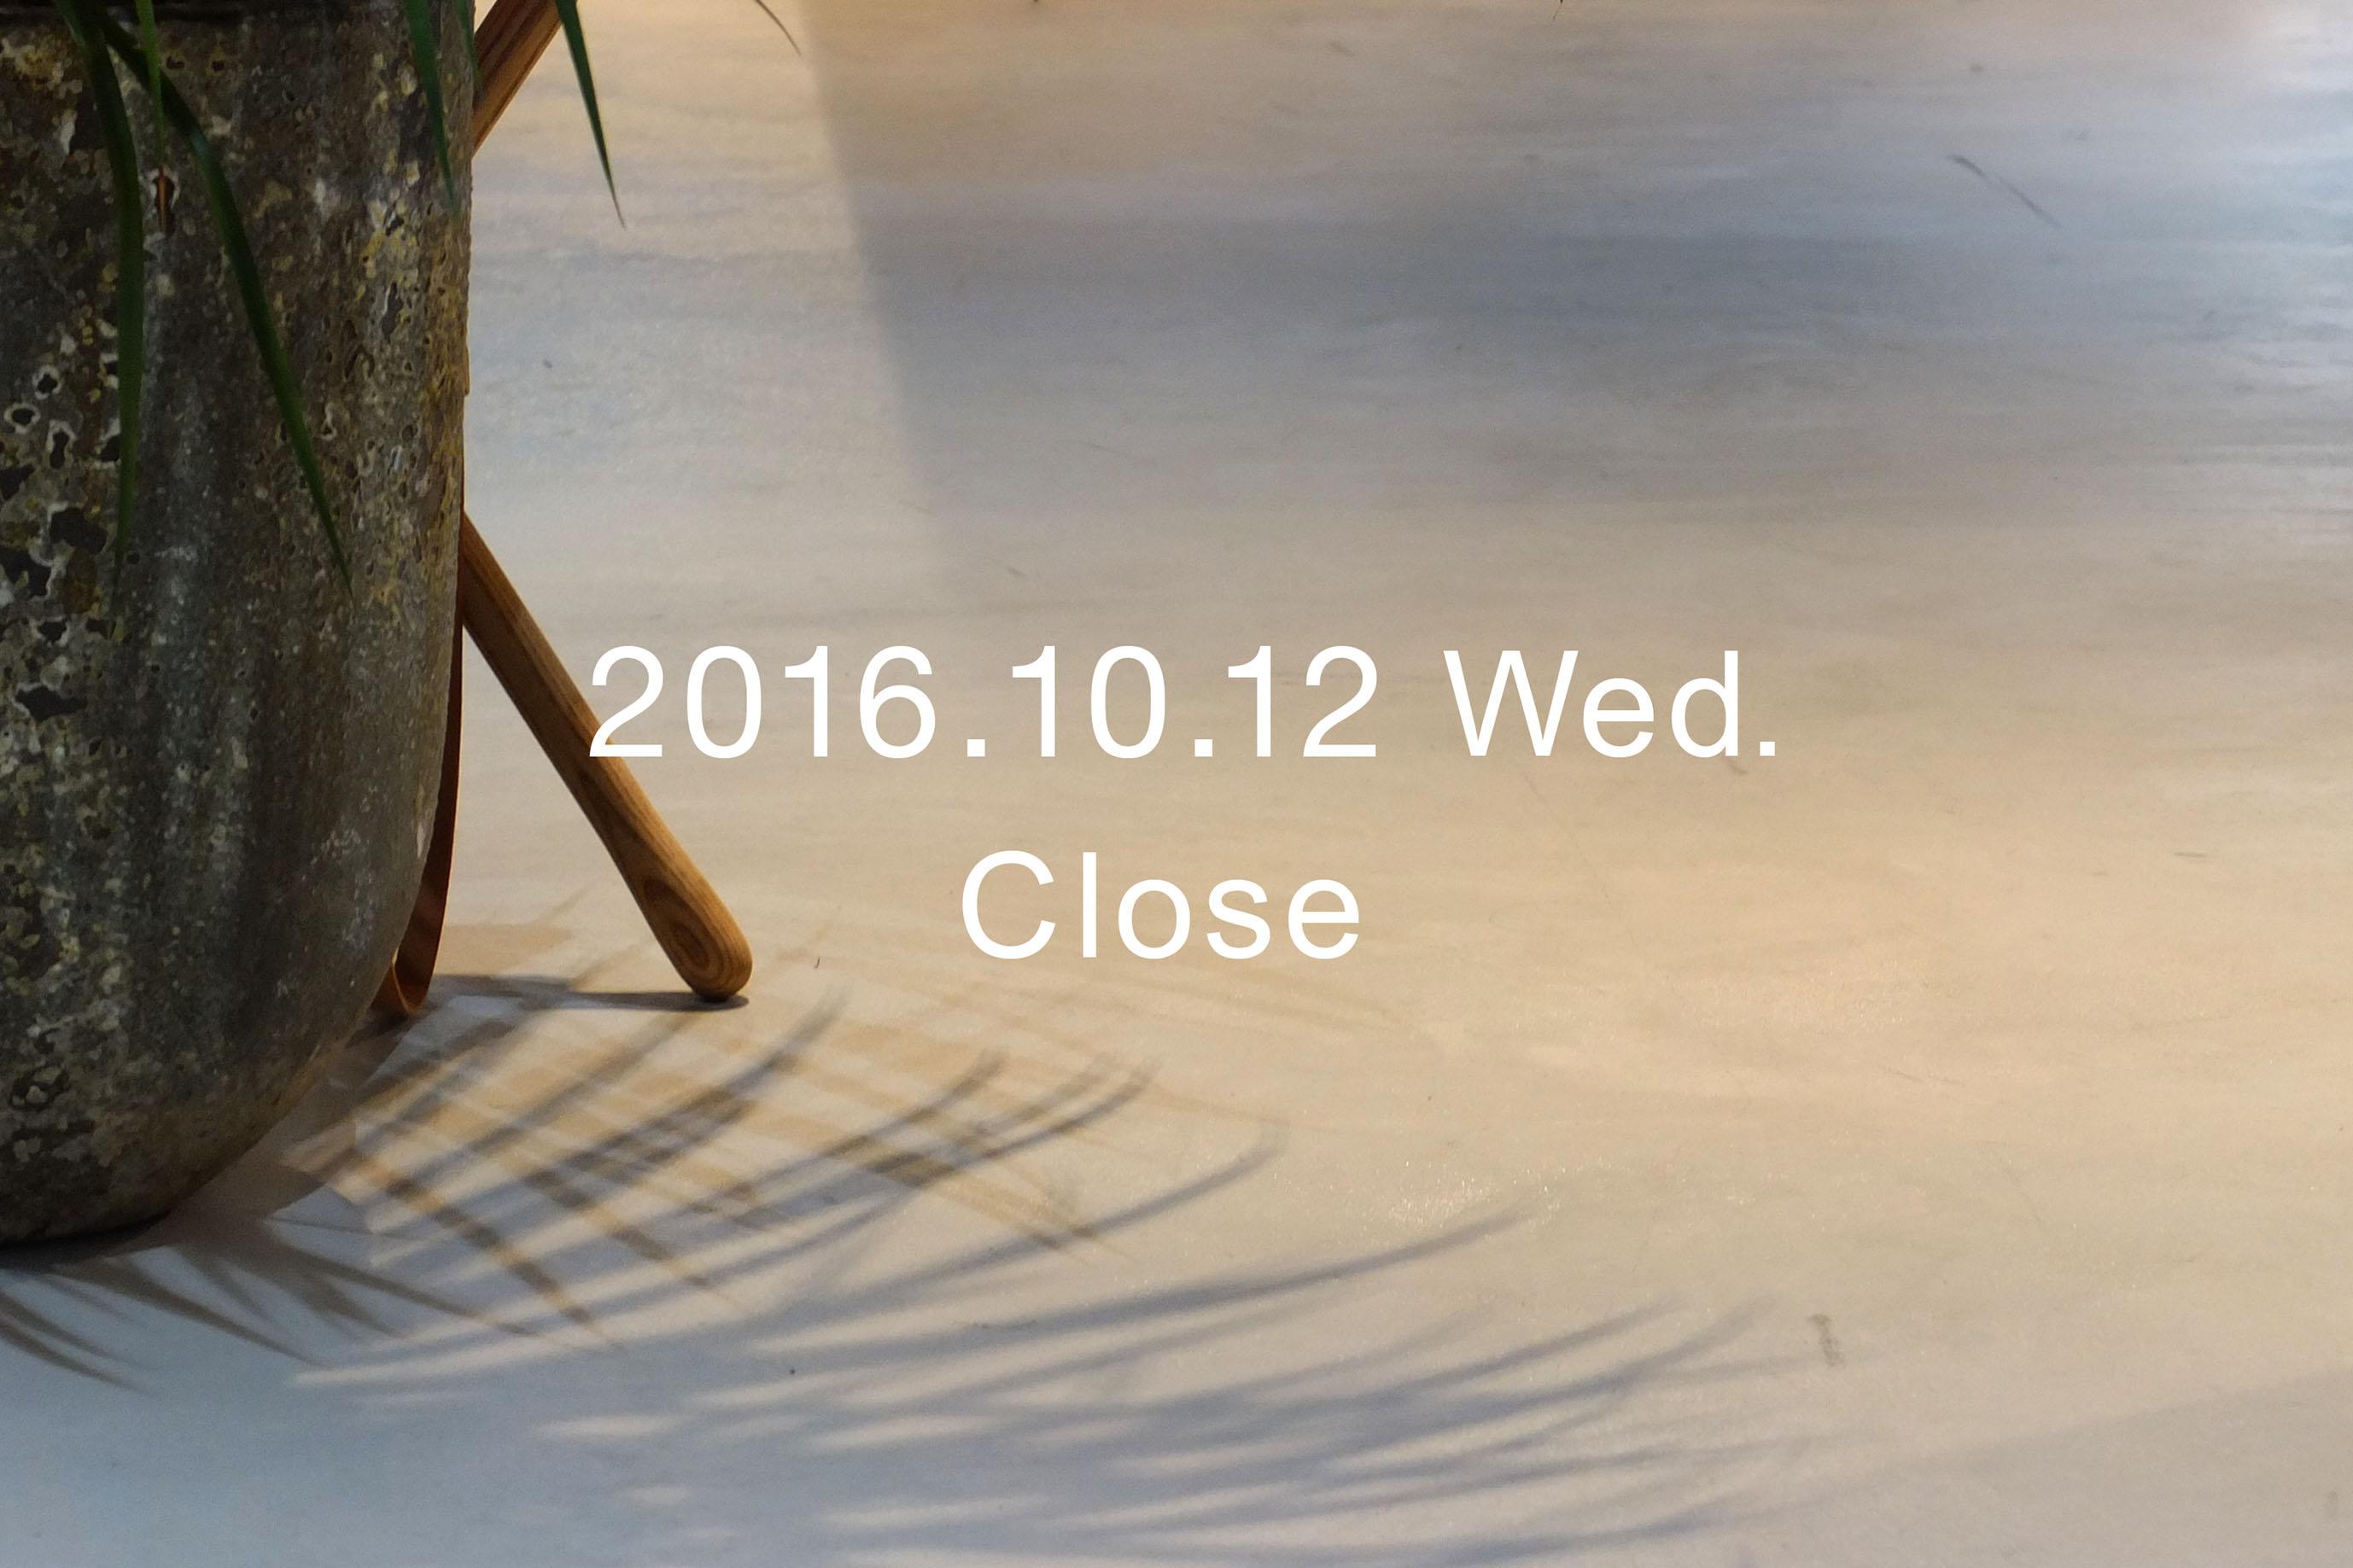 ss-close_20161012